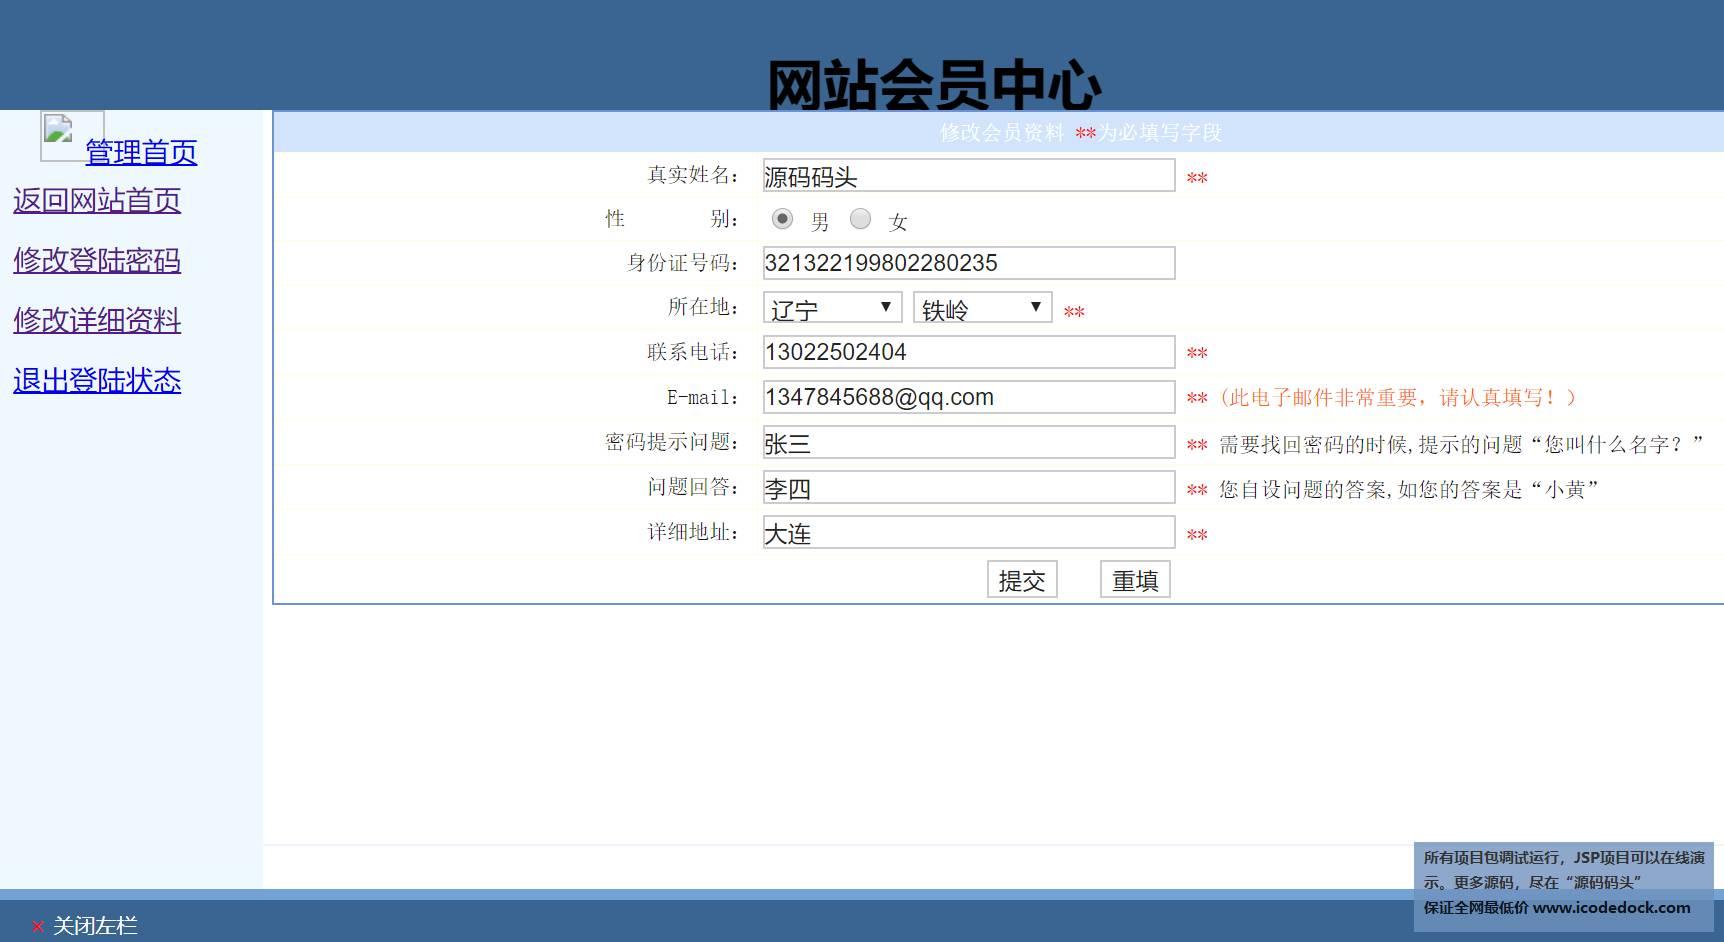 源码码头-JSP会员卡积分管理系统-用户角色-修改详细资料